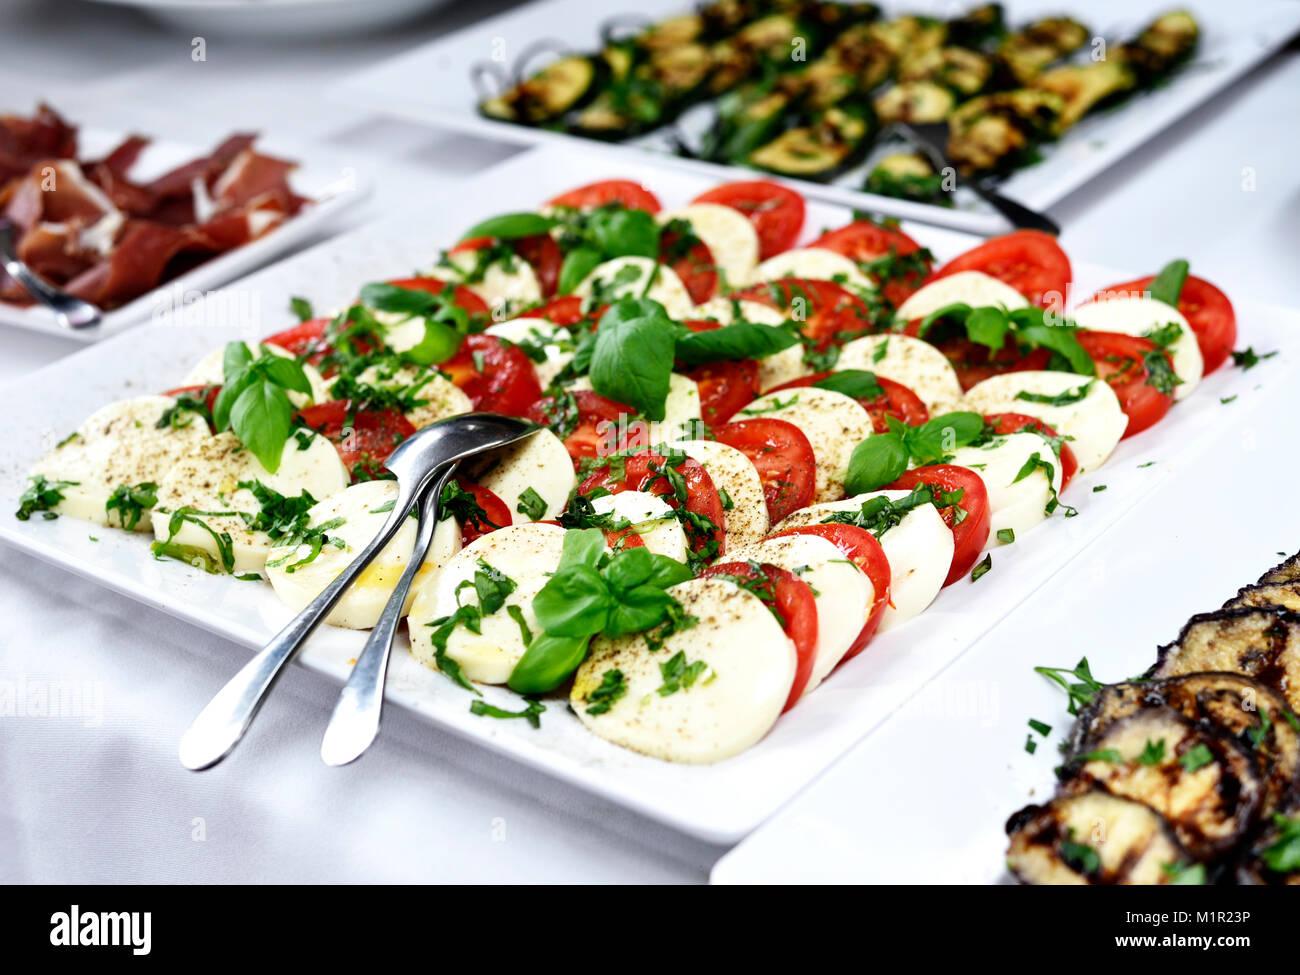 Buffet d'Antipasti ou un banquet avec tomate et mozzarella plaque et feuilles de basilic frais. Le banquet de Photo Stock